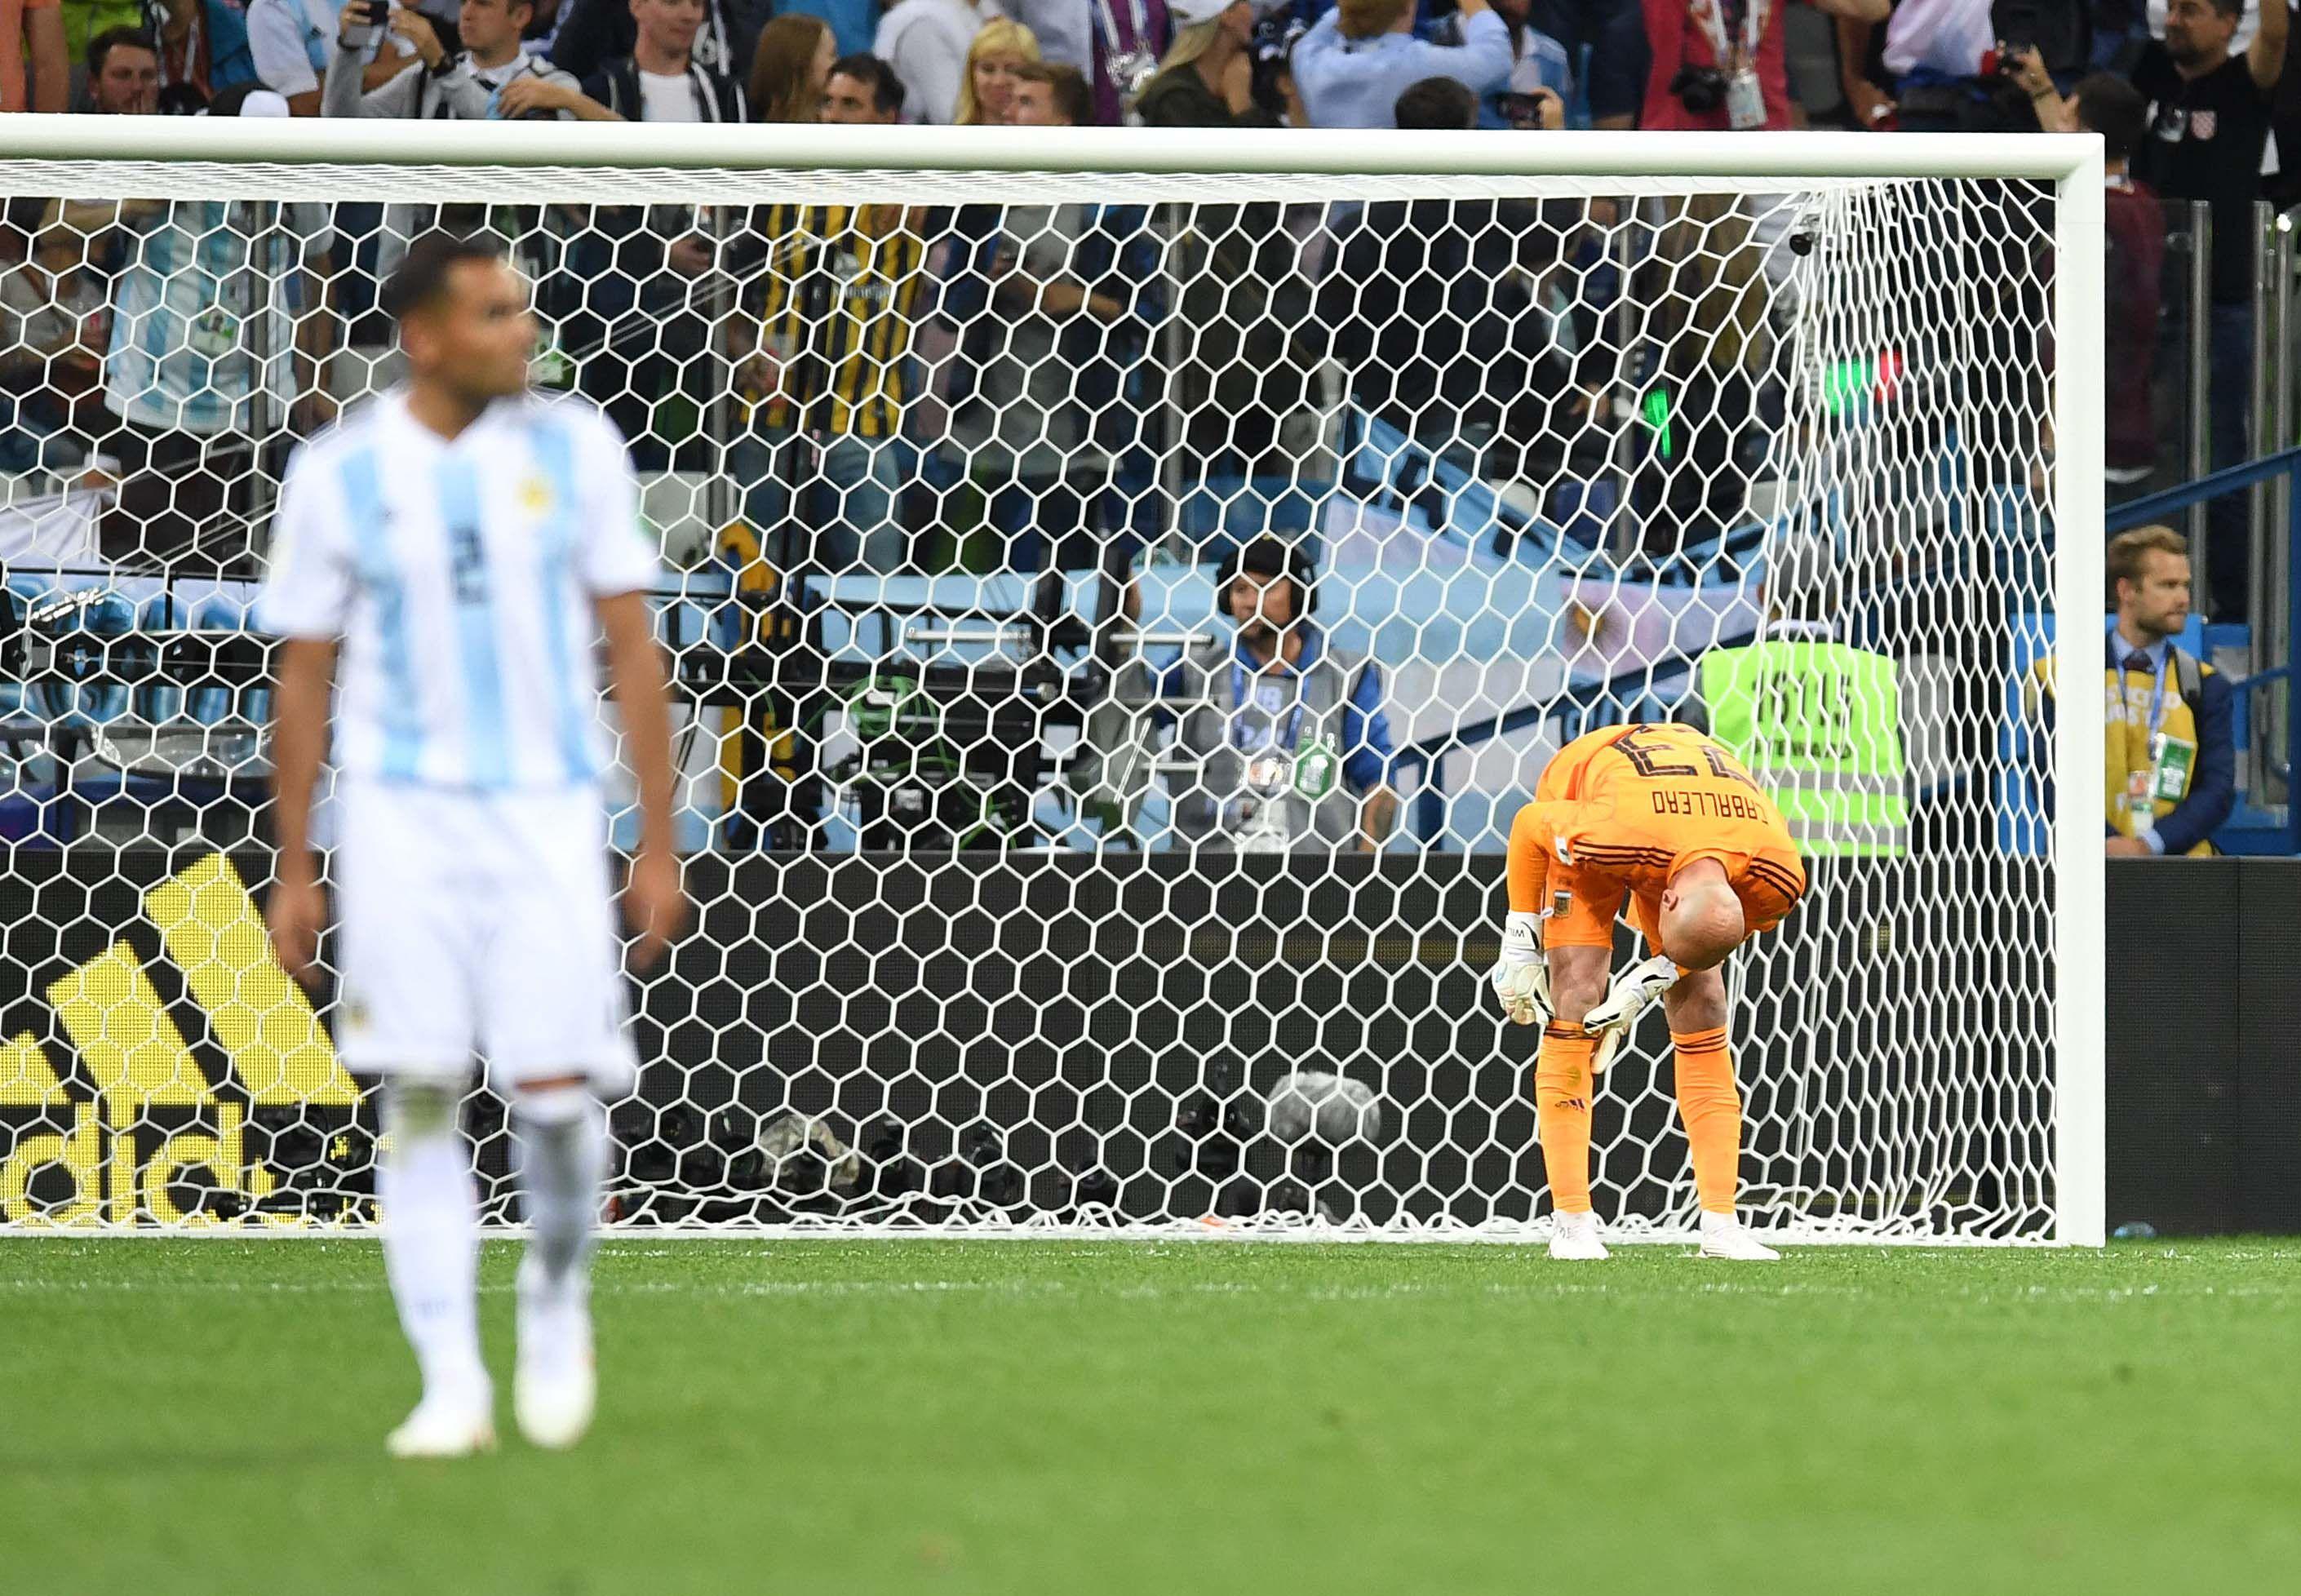 Enzo Pérez no erra y el fallo de Caballero no es gol: el final alternativo de Argentina-Croacia